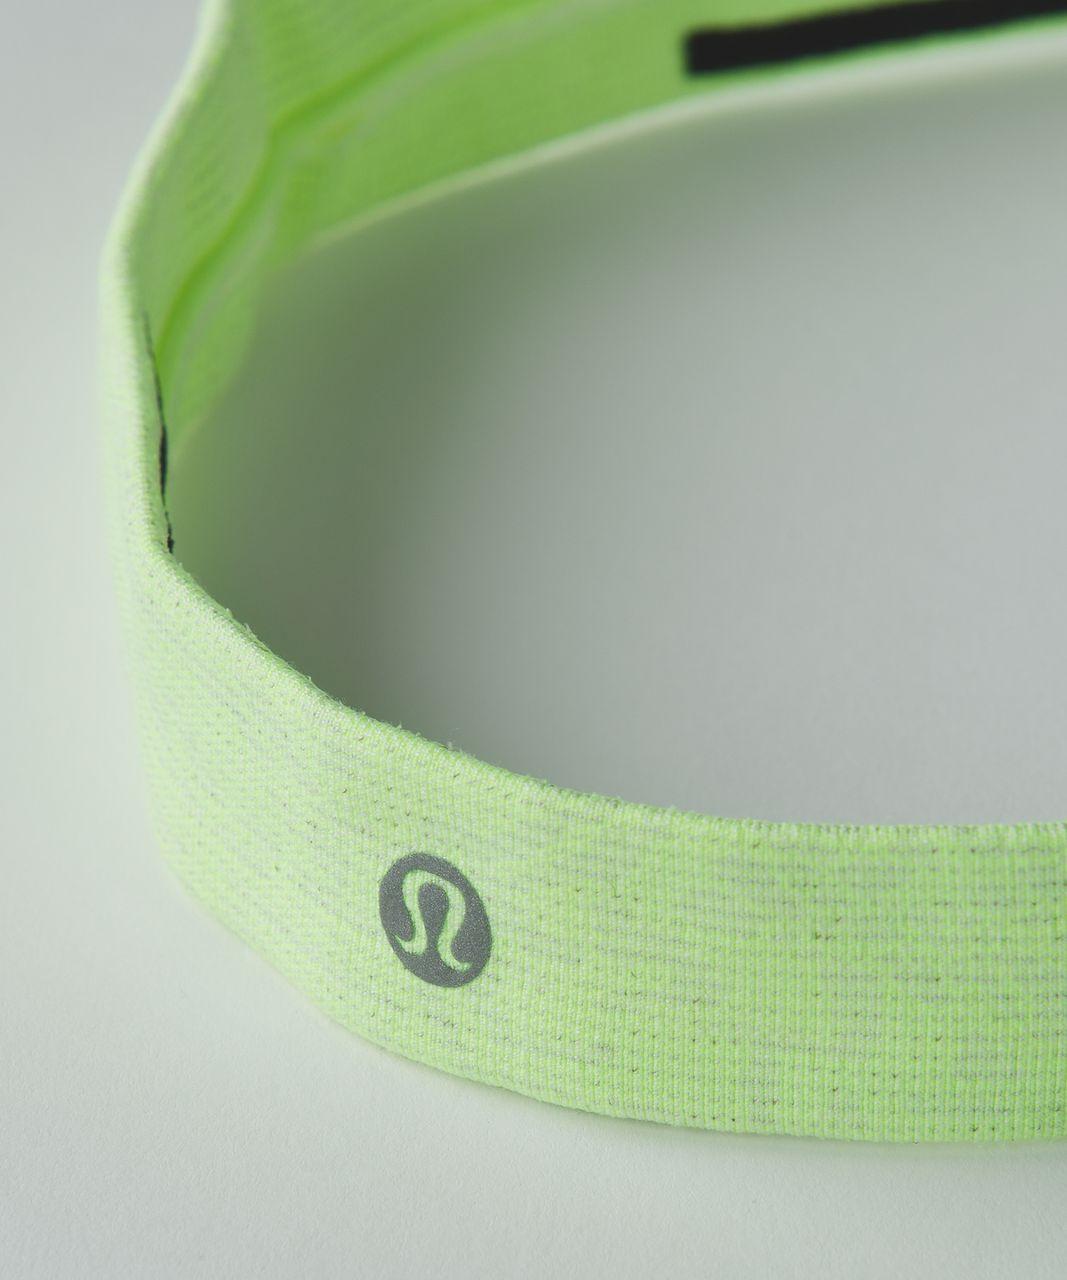 Lululemon Cardio Cross Trainer Headband - Heathered Clear Mint